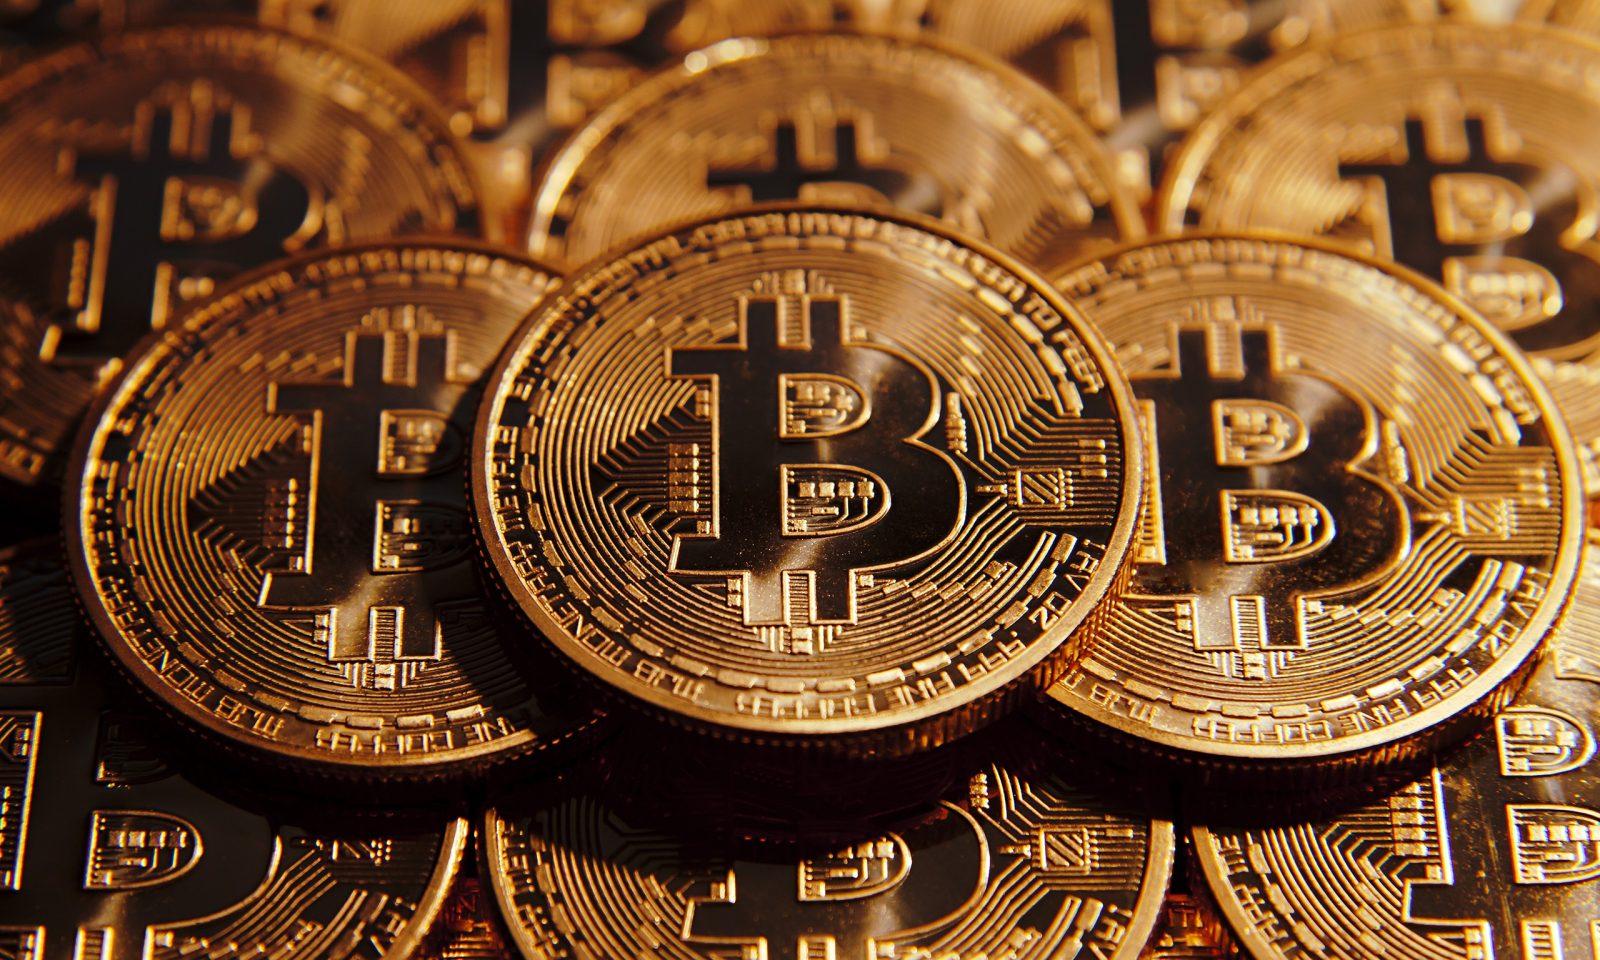 cum să câștigi bani schimbând rata bitcoin